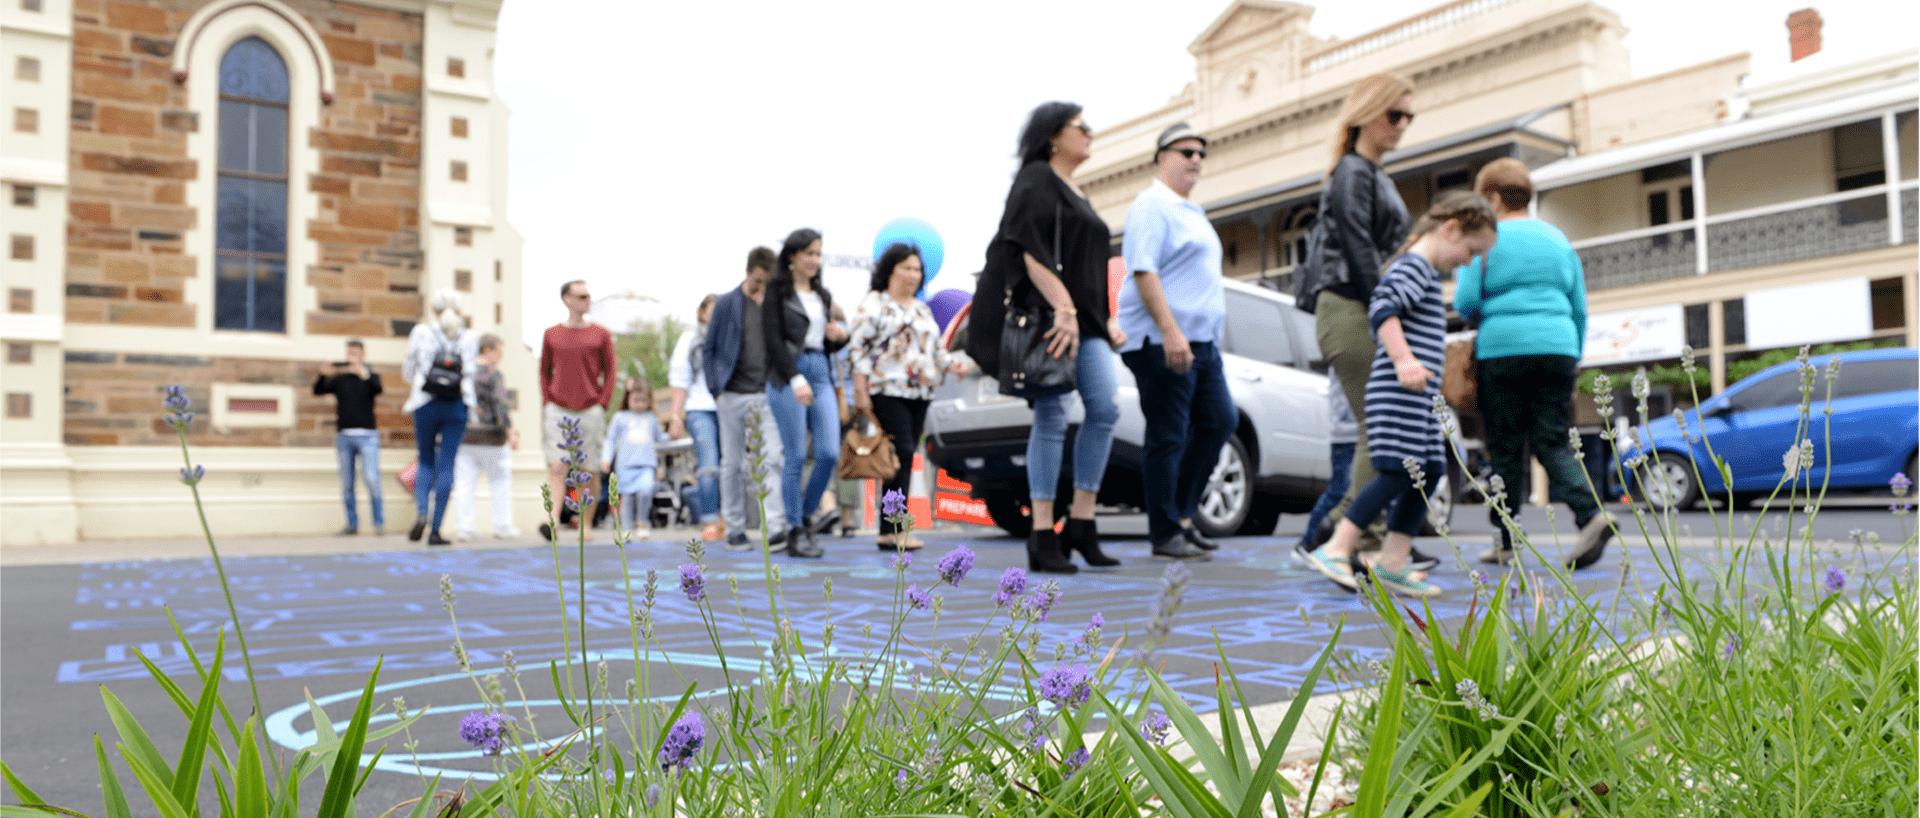 People walking across a road